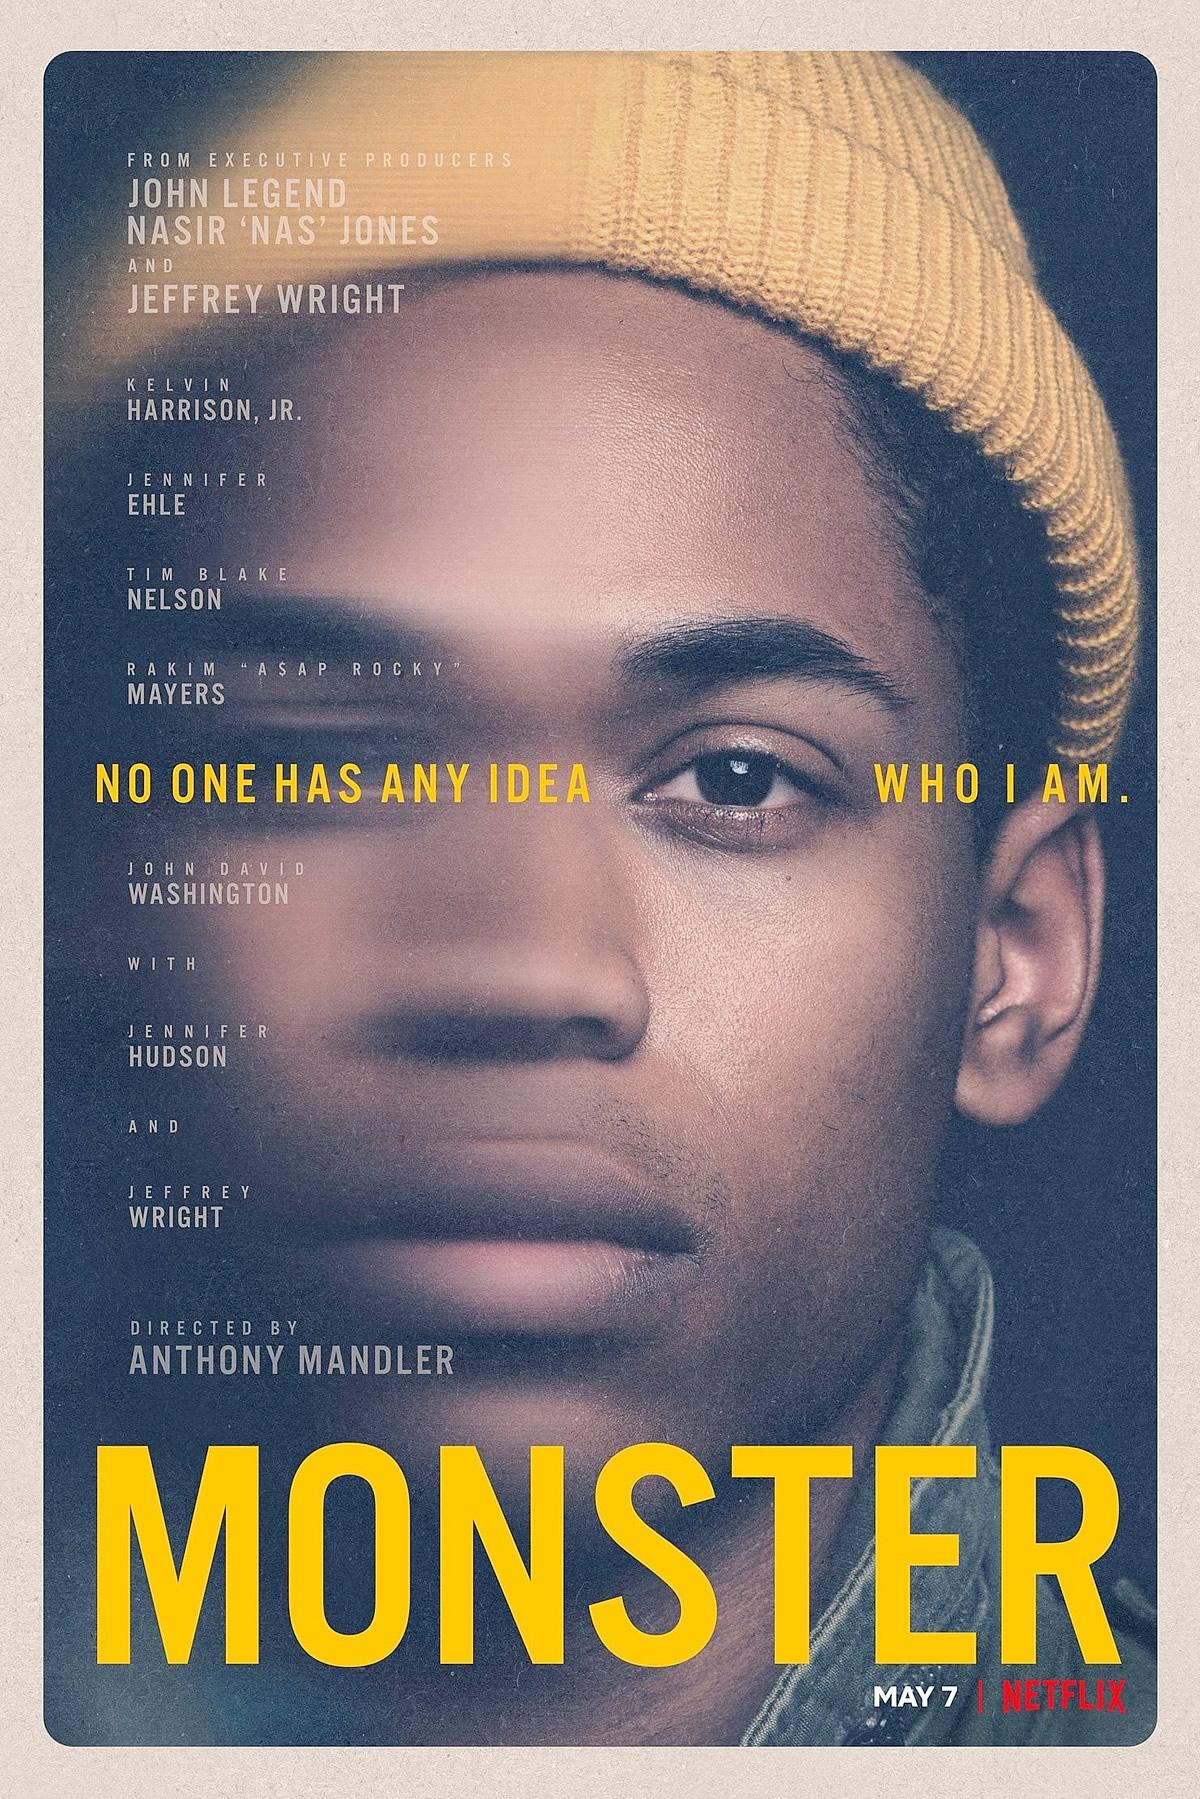 MONSTRO | FILME COM DRAMA RACIAL CHOCANTE NA NETFLIX - ANÁLISE SEM SPOILER